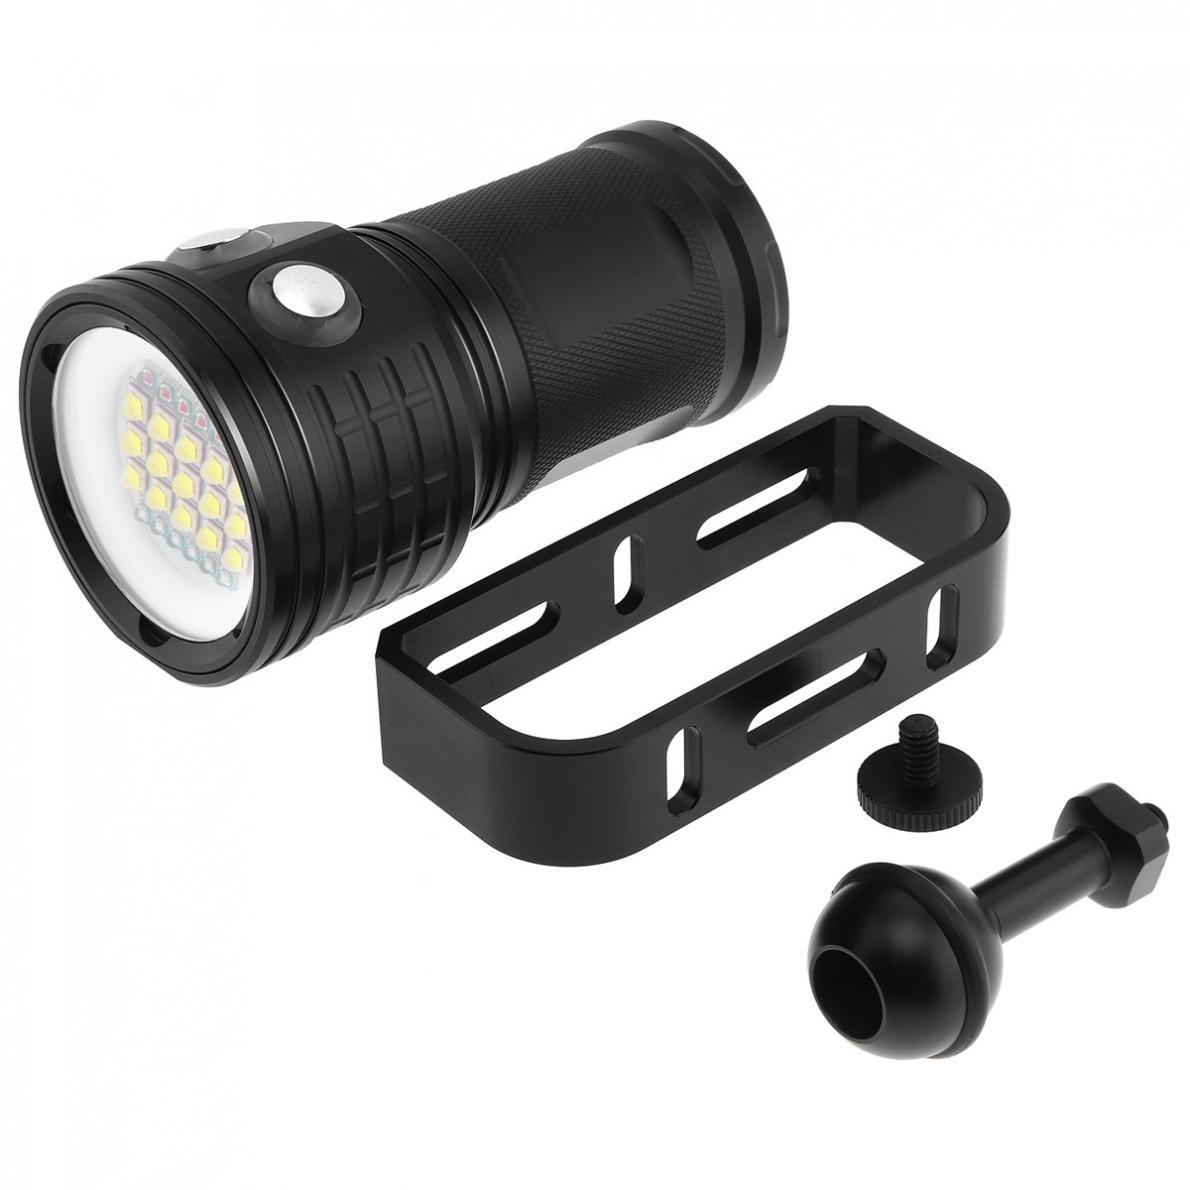 Fahrrad Licht Taschenlampe Taschenlampe Halterung Fahrradzubehör für*Gopro OXDE